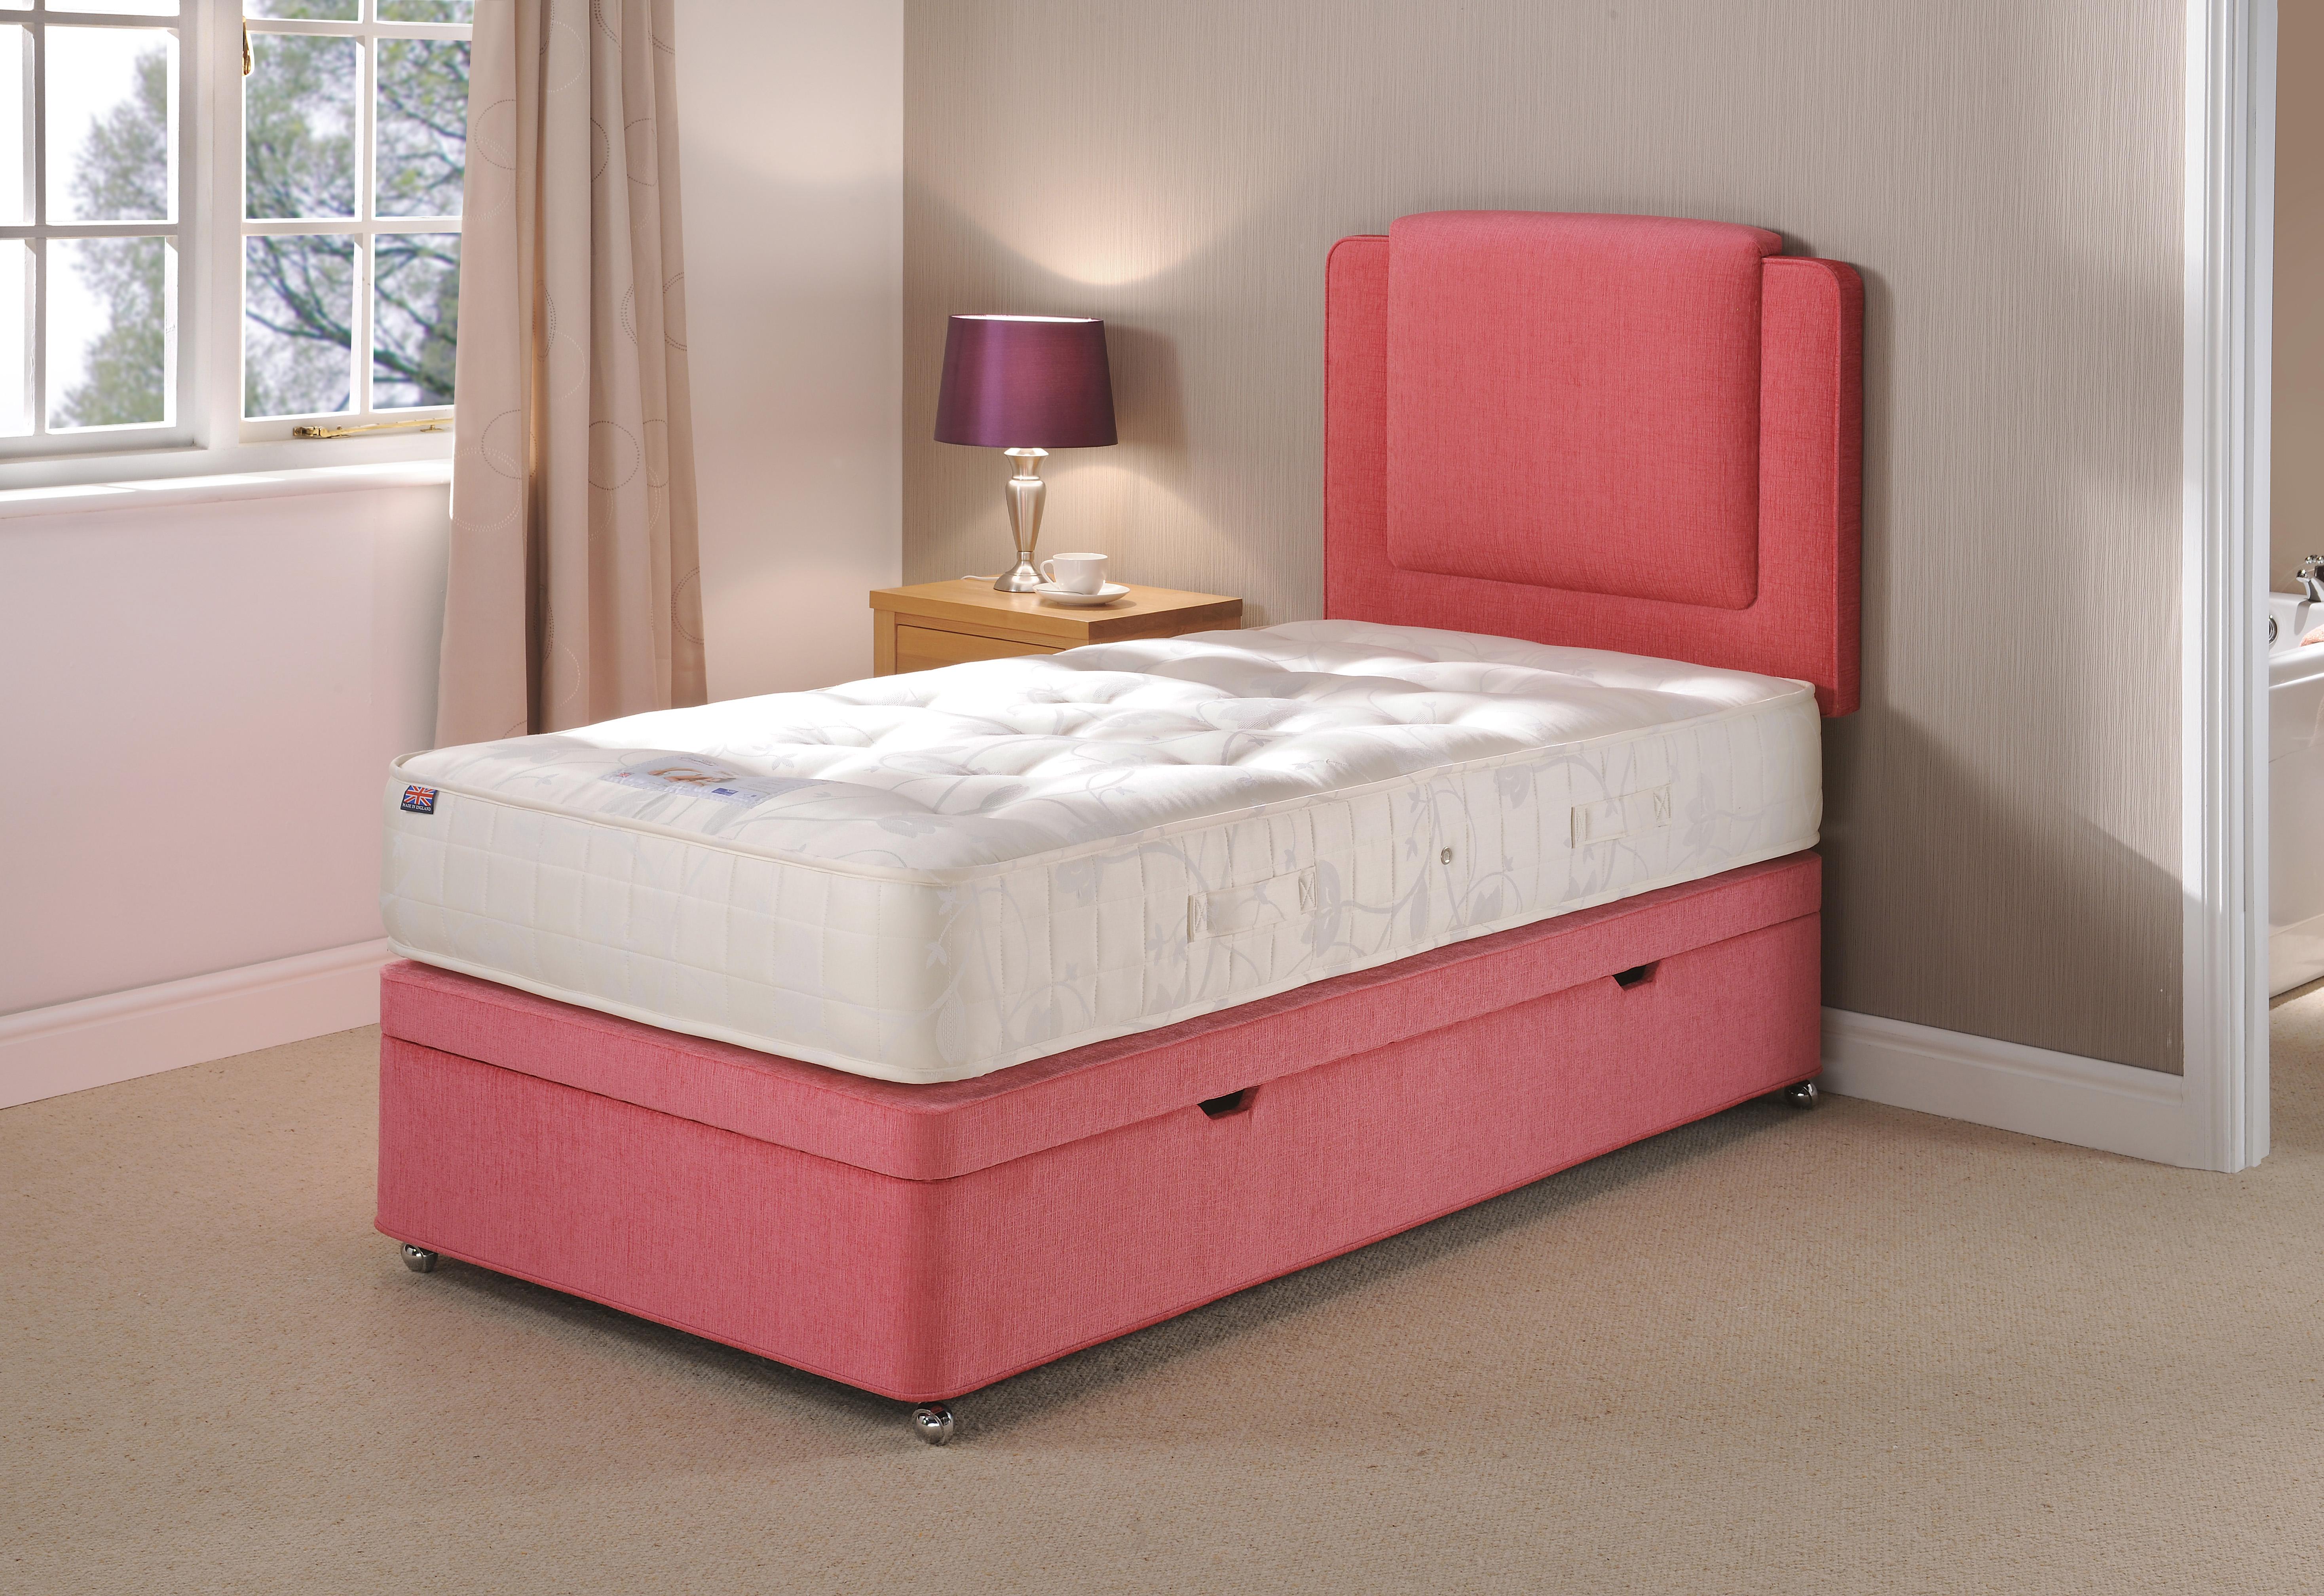 3 new ottoman side opening1 bones on beds. Black Bedroom Furniture Sets. Home Design Ideas